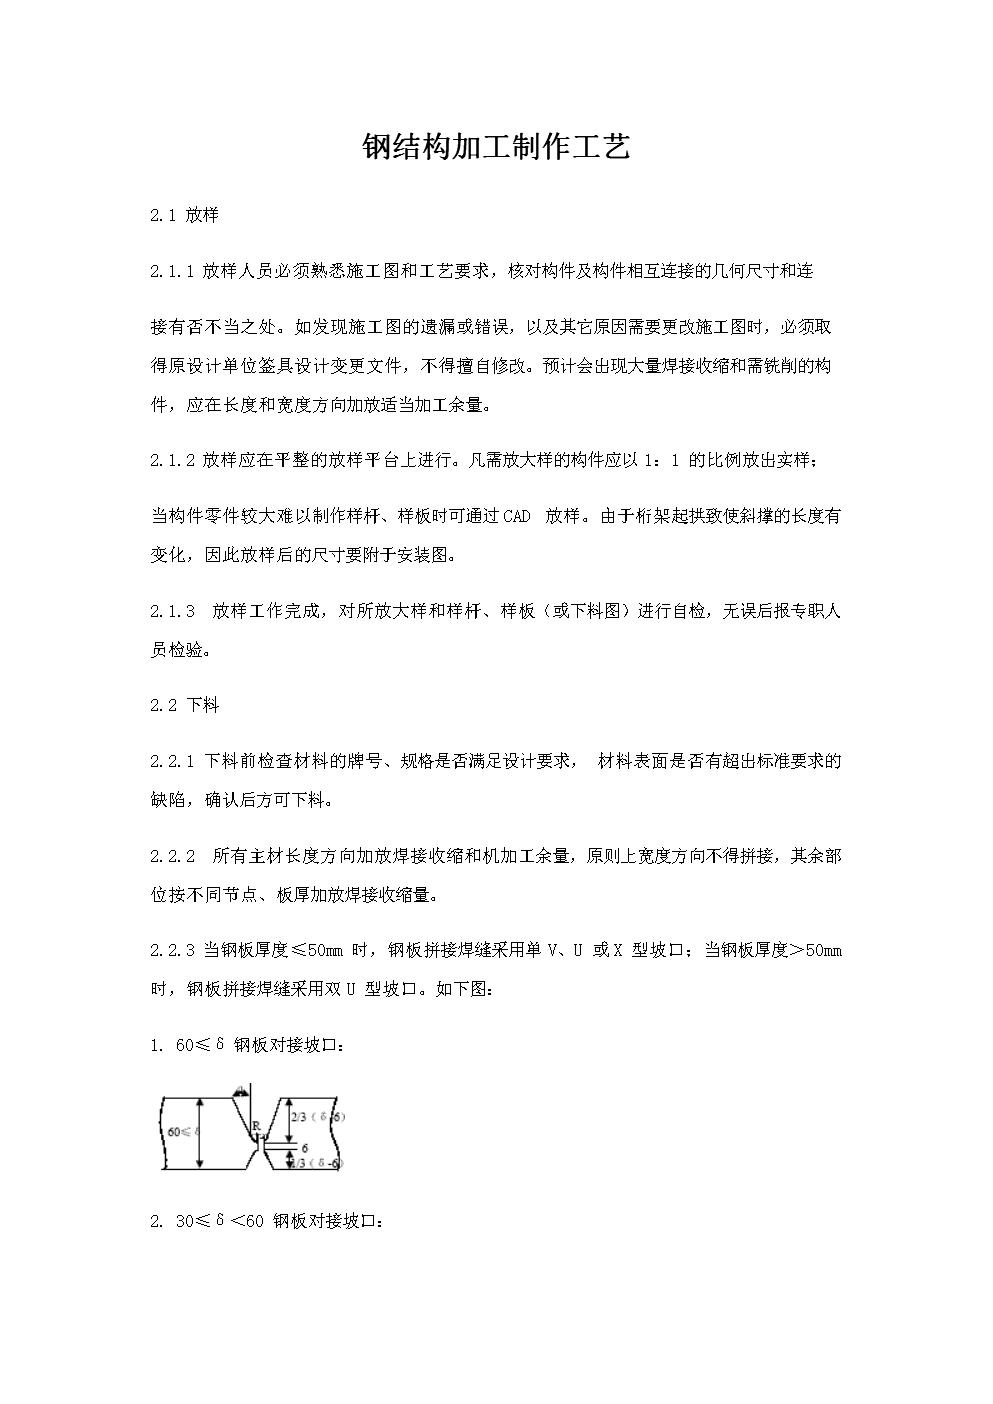 钢结构加工制作工艺.docx